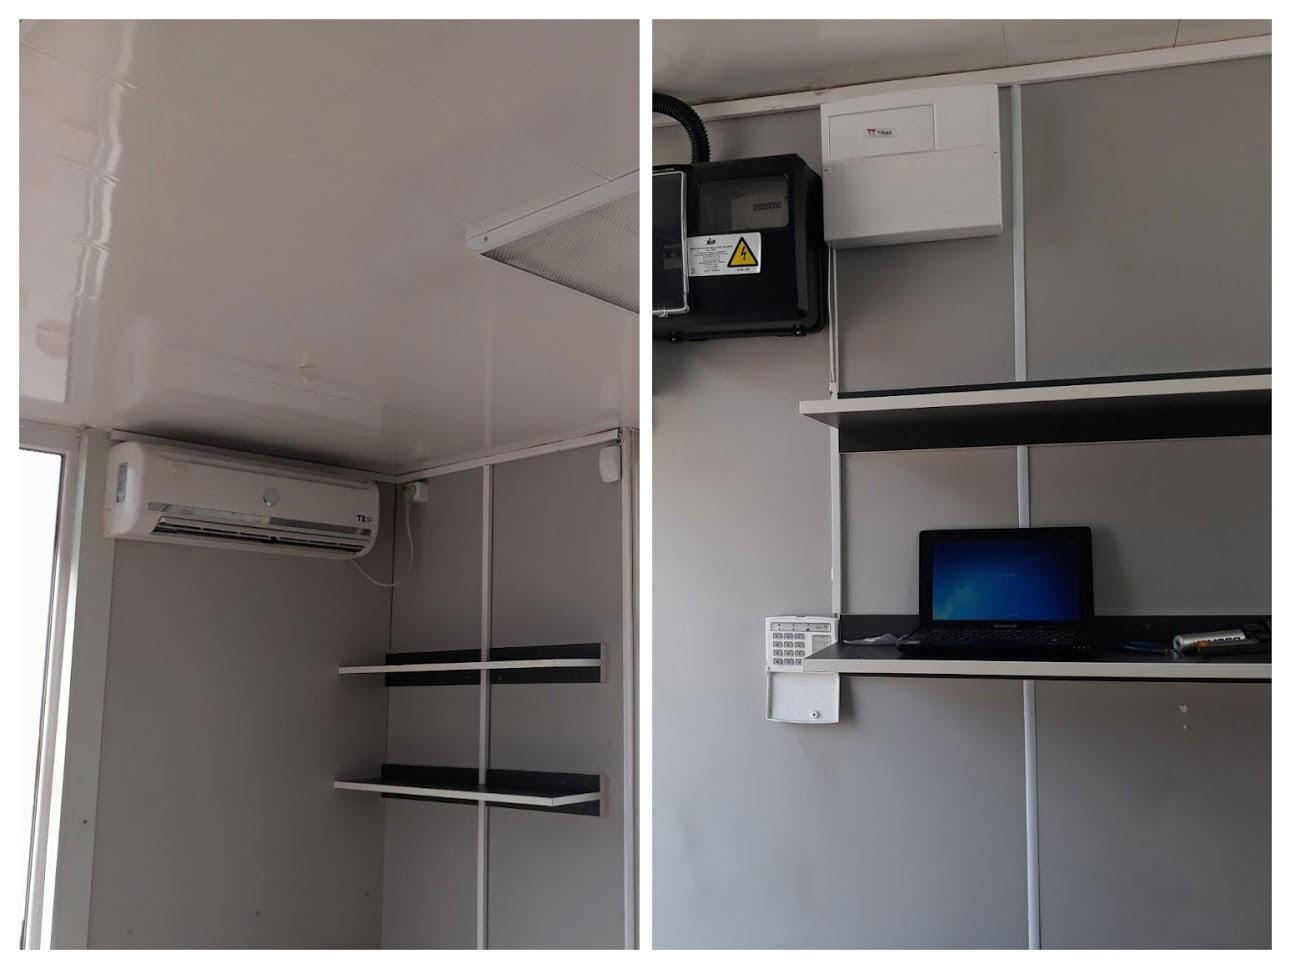 Работу системы безопасности в офисе успешно восстановлено